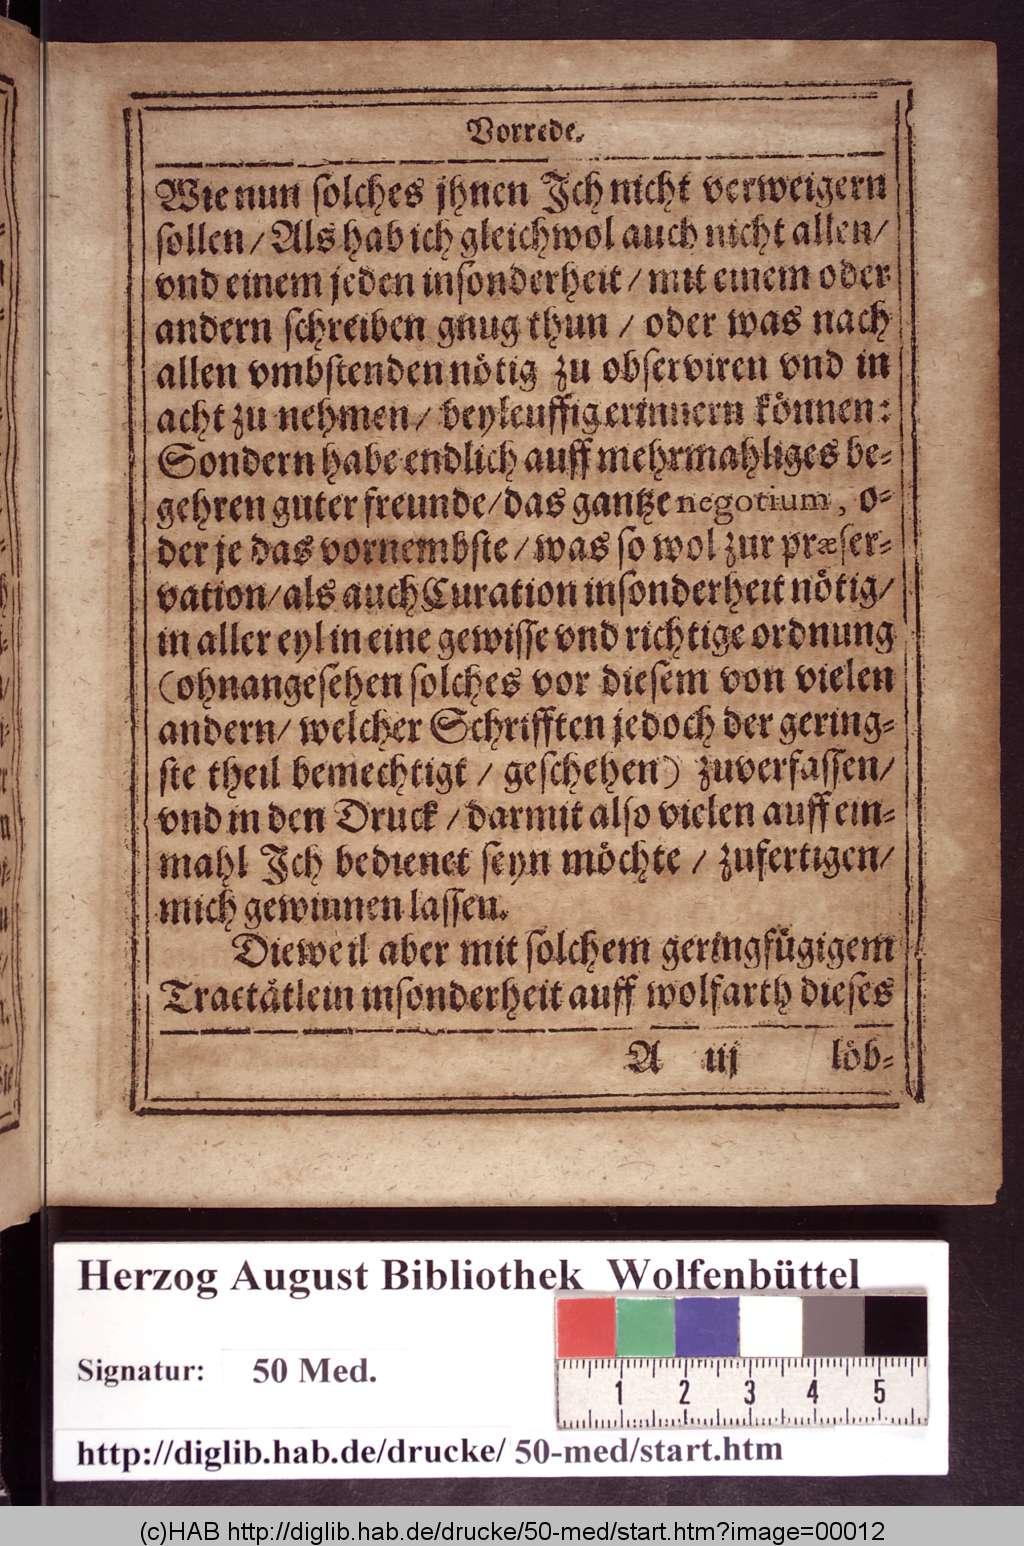 http://diglib.hab.de/drucke/50-med/00012.jpg